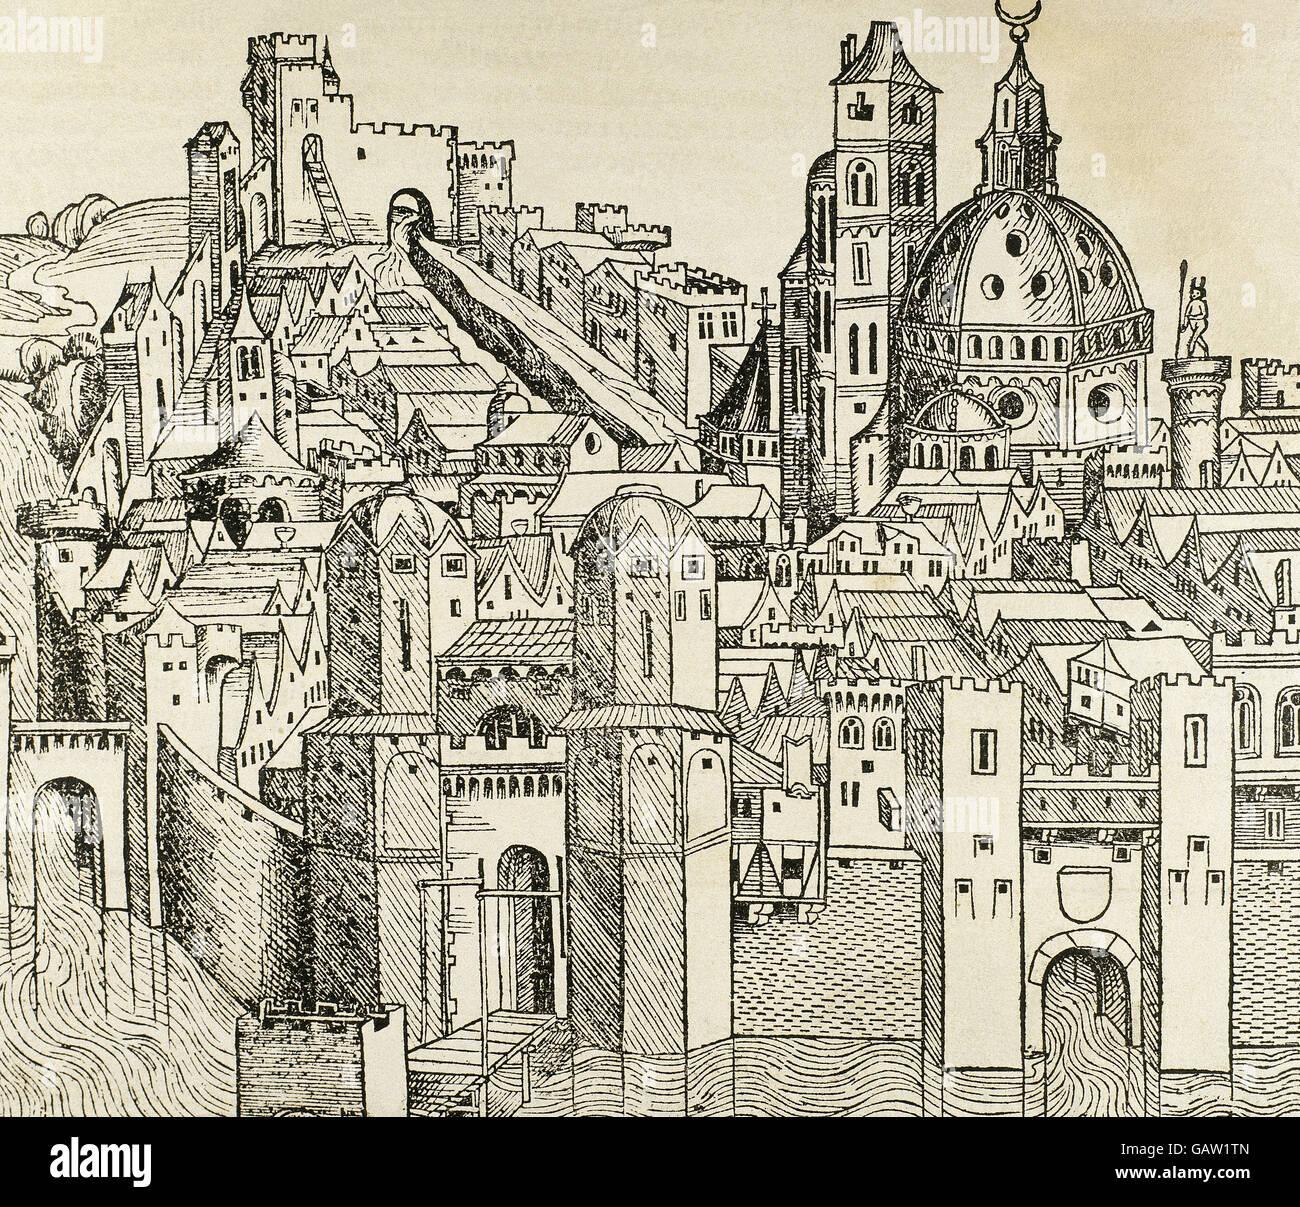 Italien. Padua Stadt im 16. Jahrhundert. Gravur. Stockbild